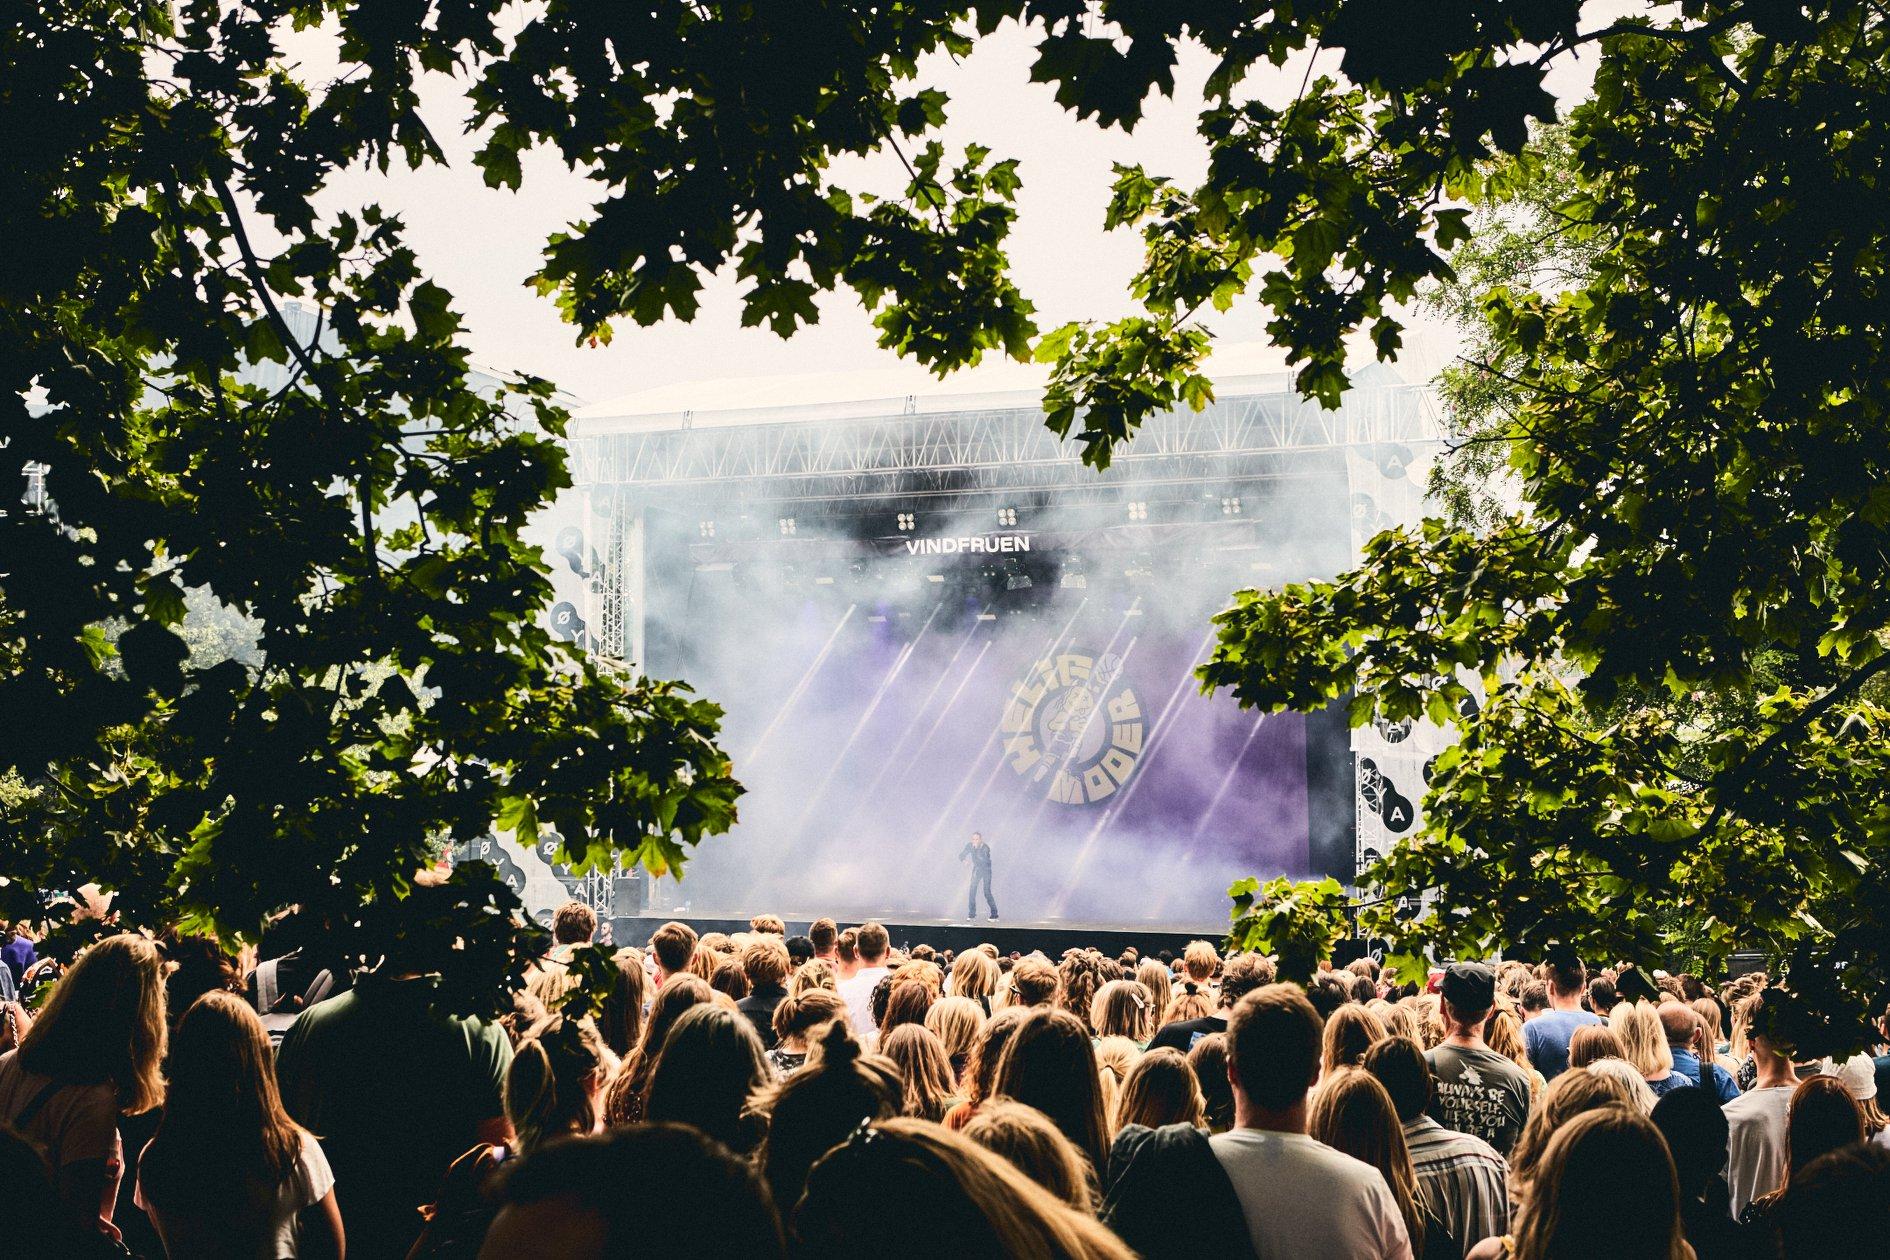 oyafestivalen-oya-festival-norway-2021